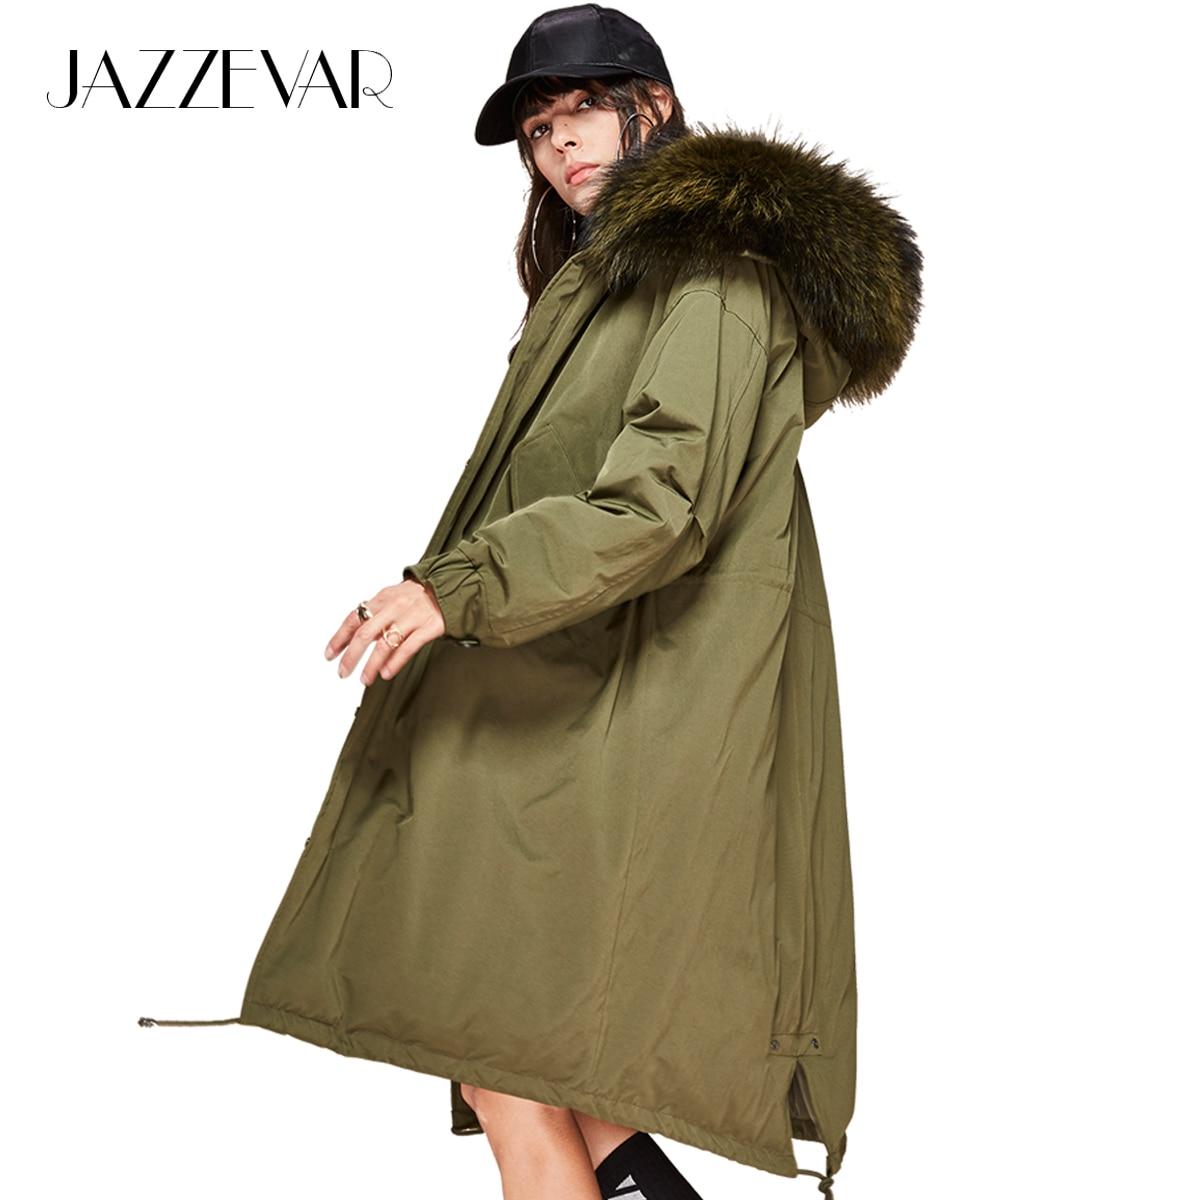 JAZZEVAR 2019 nuevas mujeres de invierno 90% chaqueta de plumón de pato blanco abrigo largo de gran tamaño de piel de mapache real Parka con capucha-in Plumíferos from Ropa de mujer    1